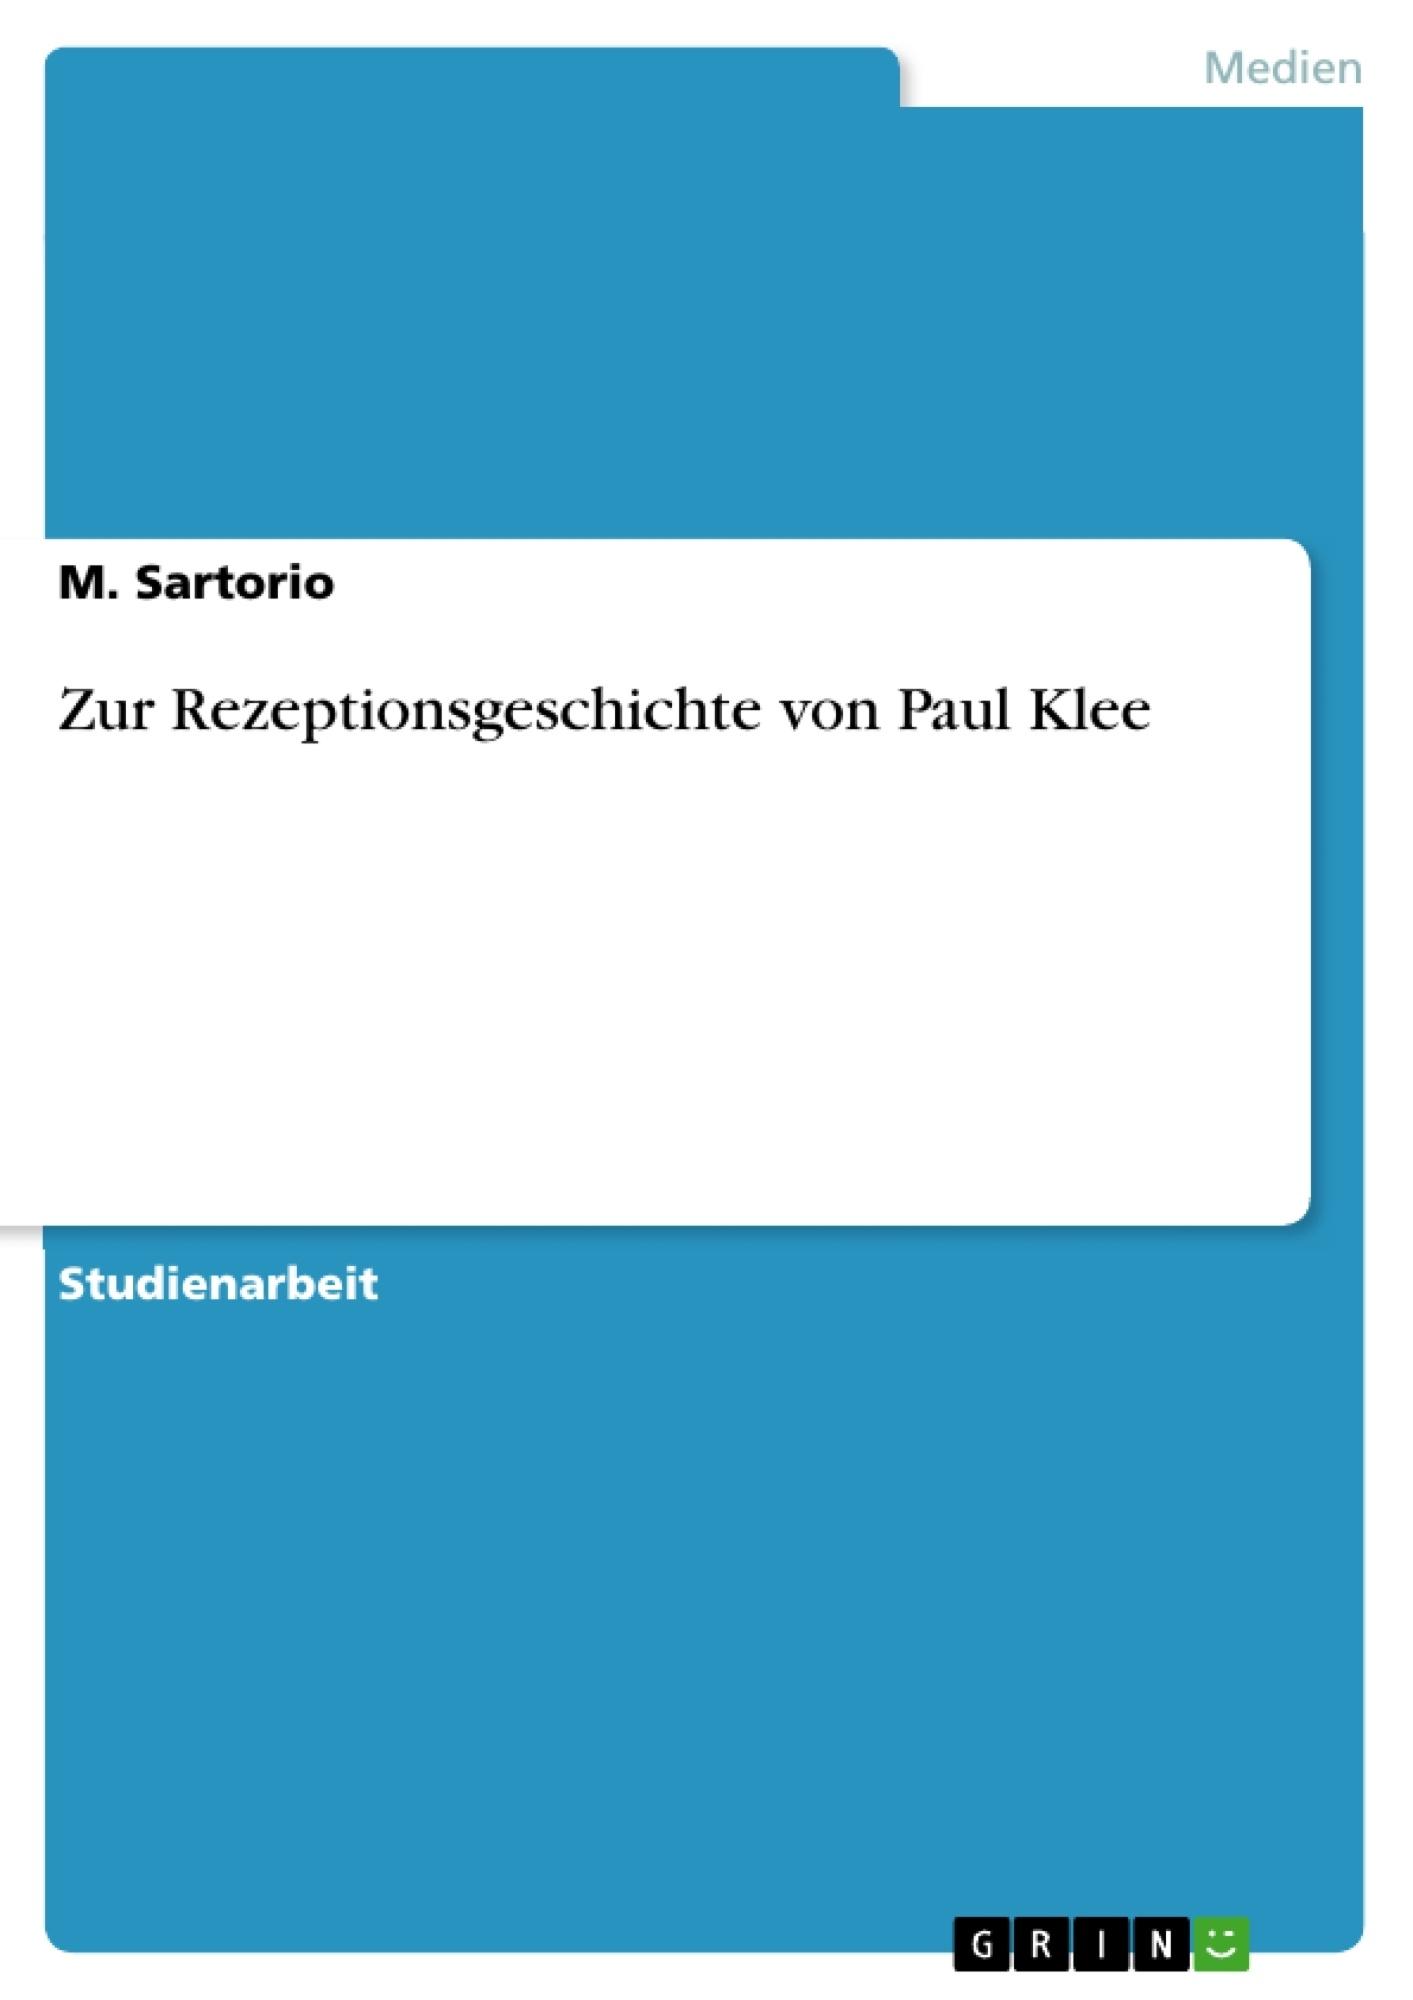 Titel: Zur Rezeptionsgeschichte von Paul Klee